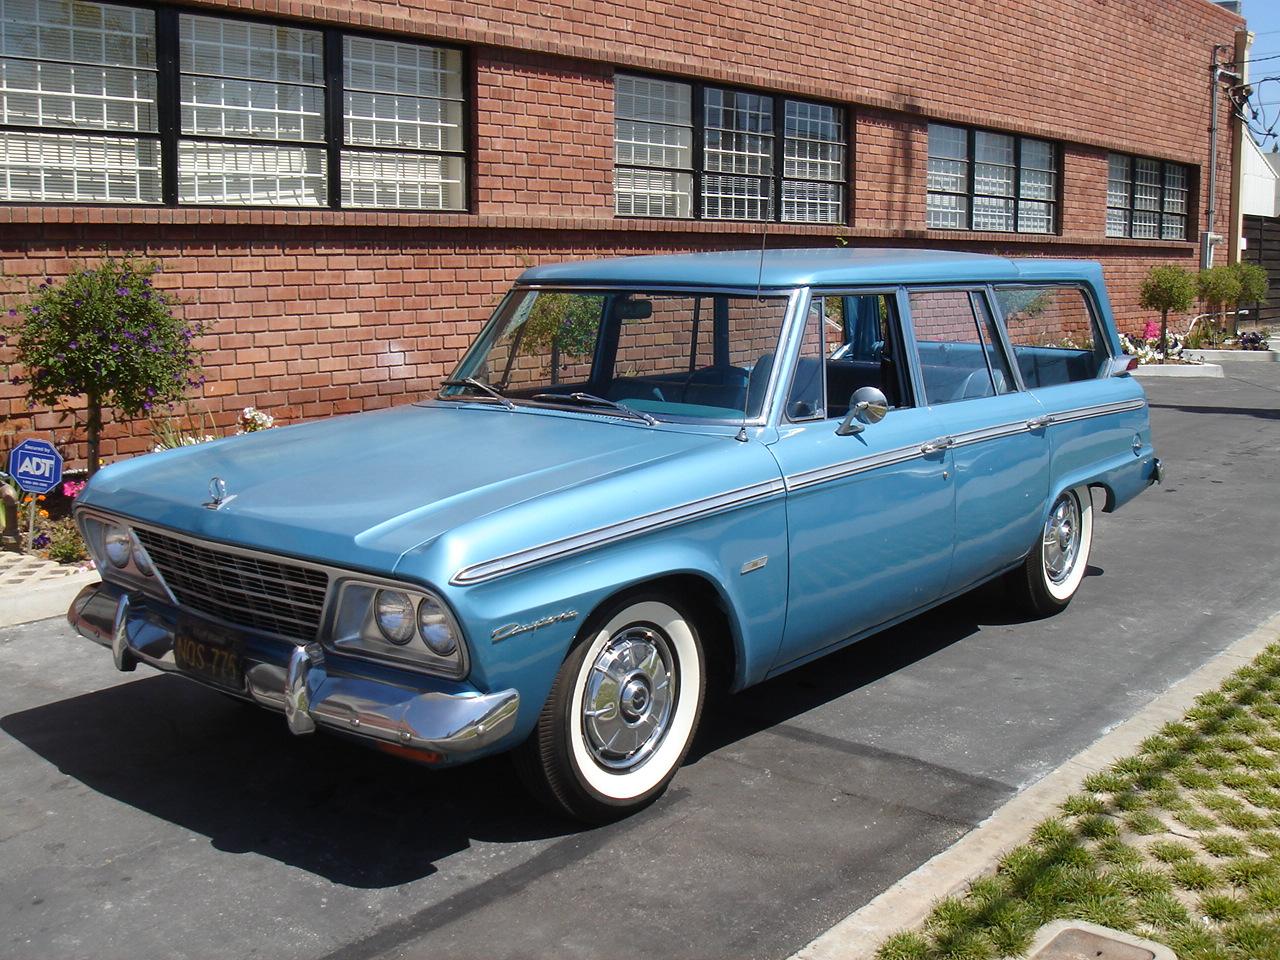 1965 Studebaker wagoneer for rent